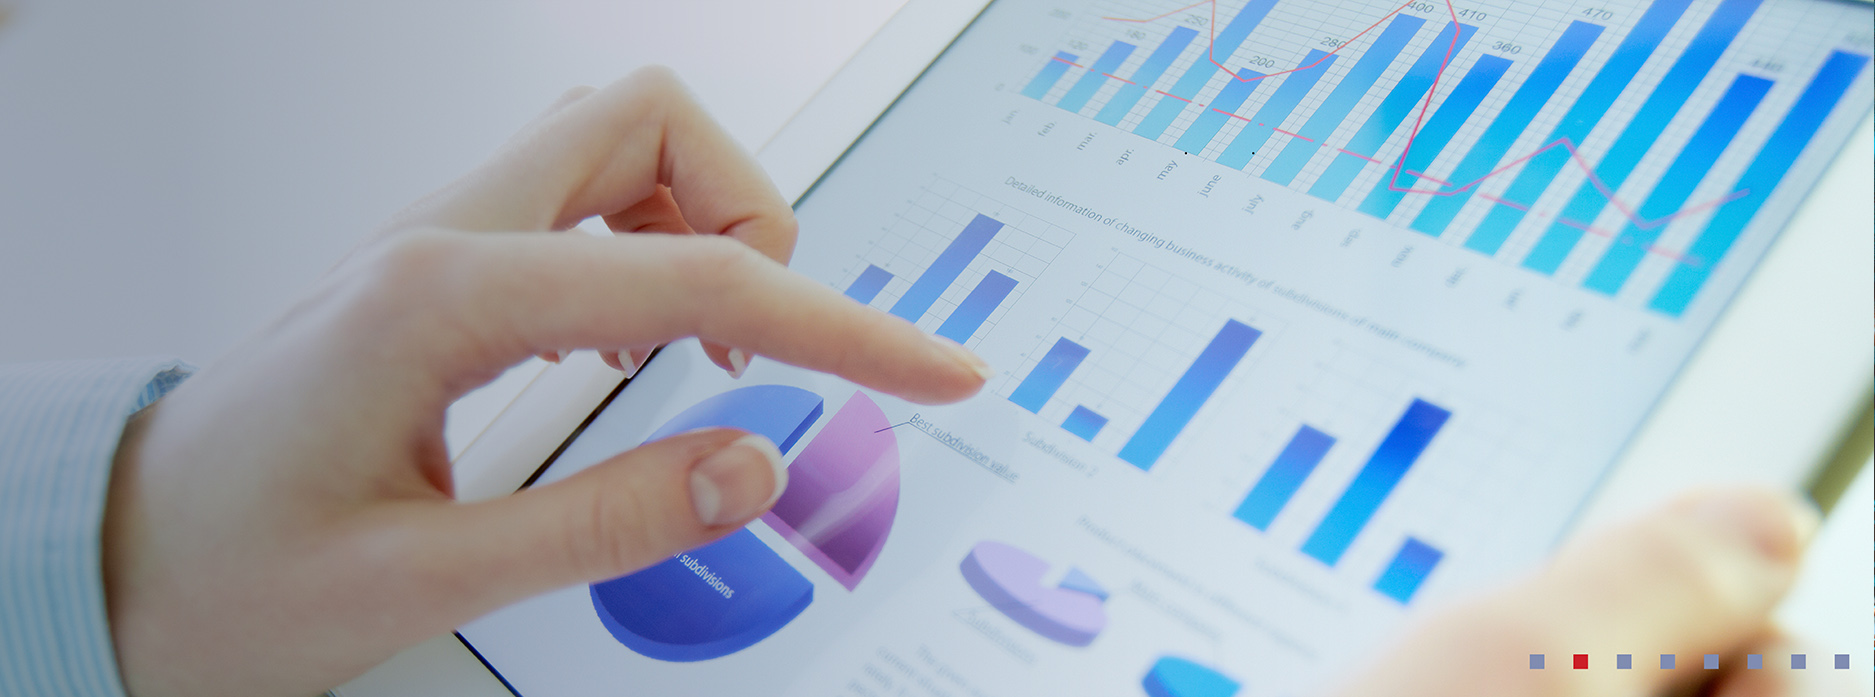 Header image-SAP HCM Data Live in Microsoft Excel